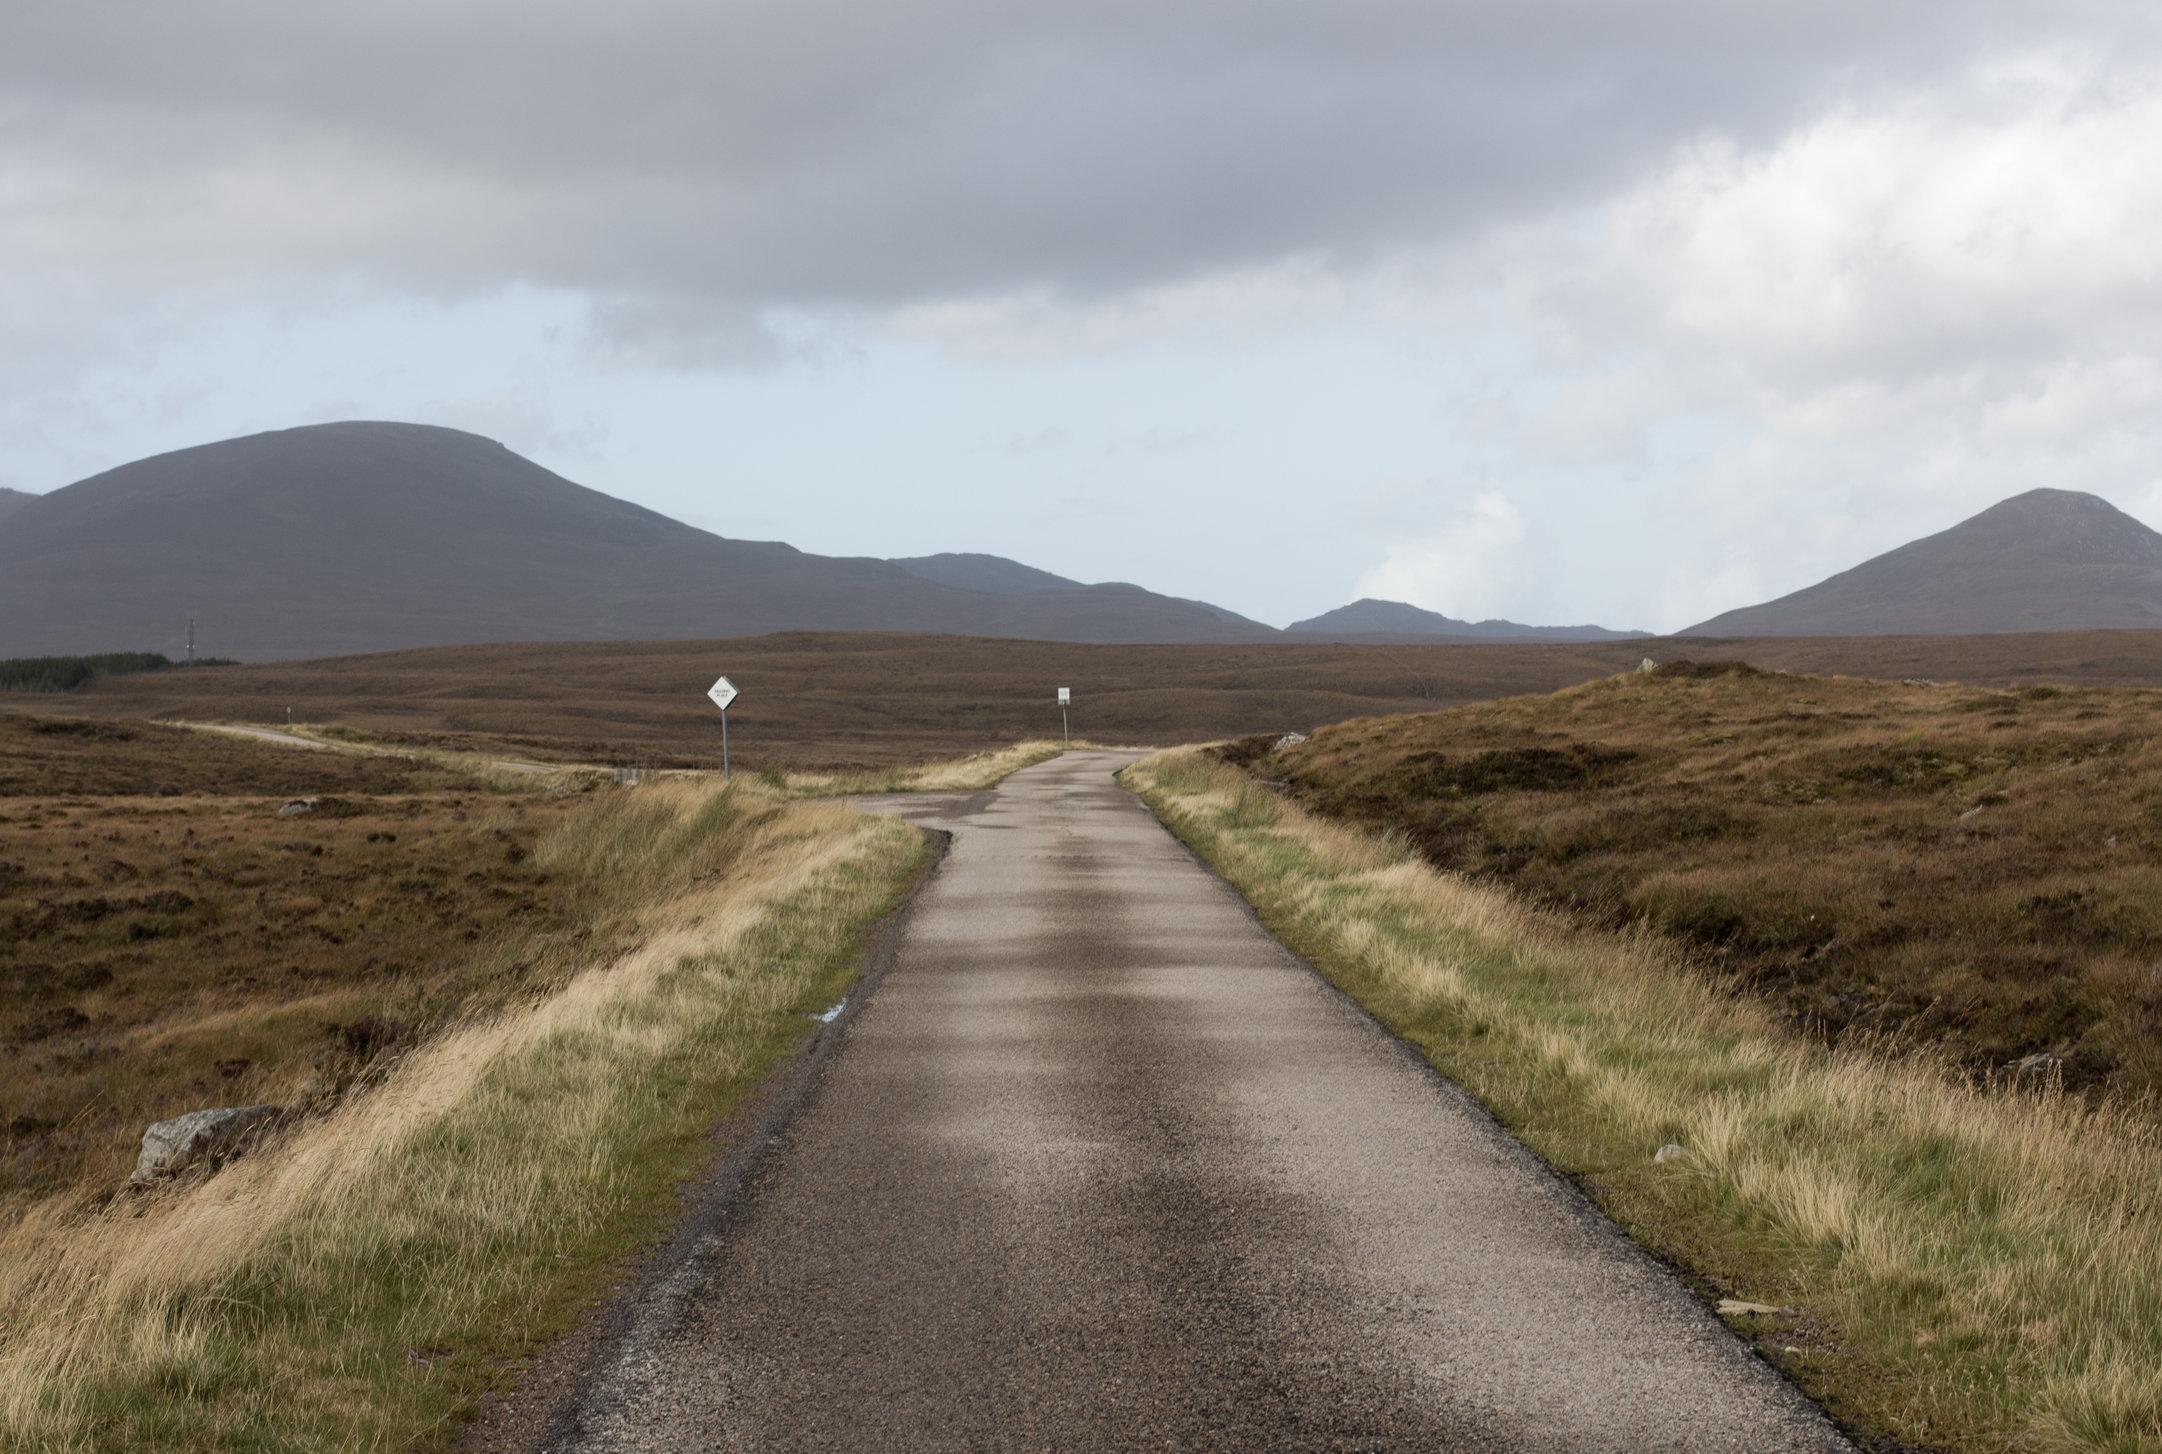 Empty road_6214409340_o.jpg